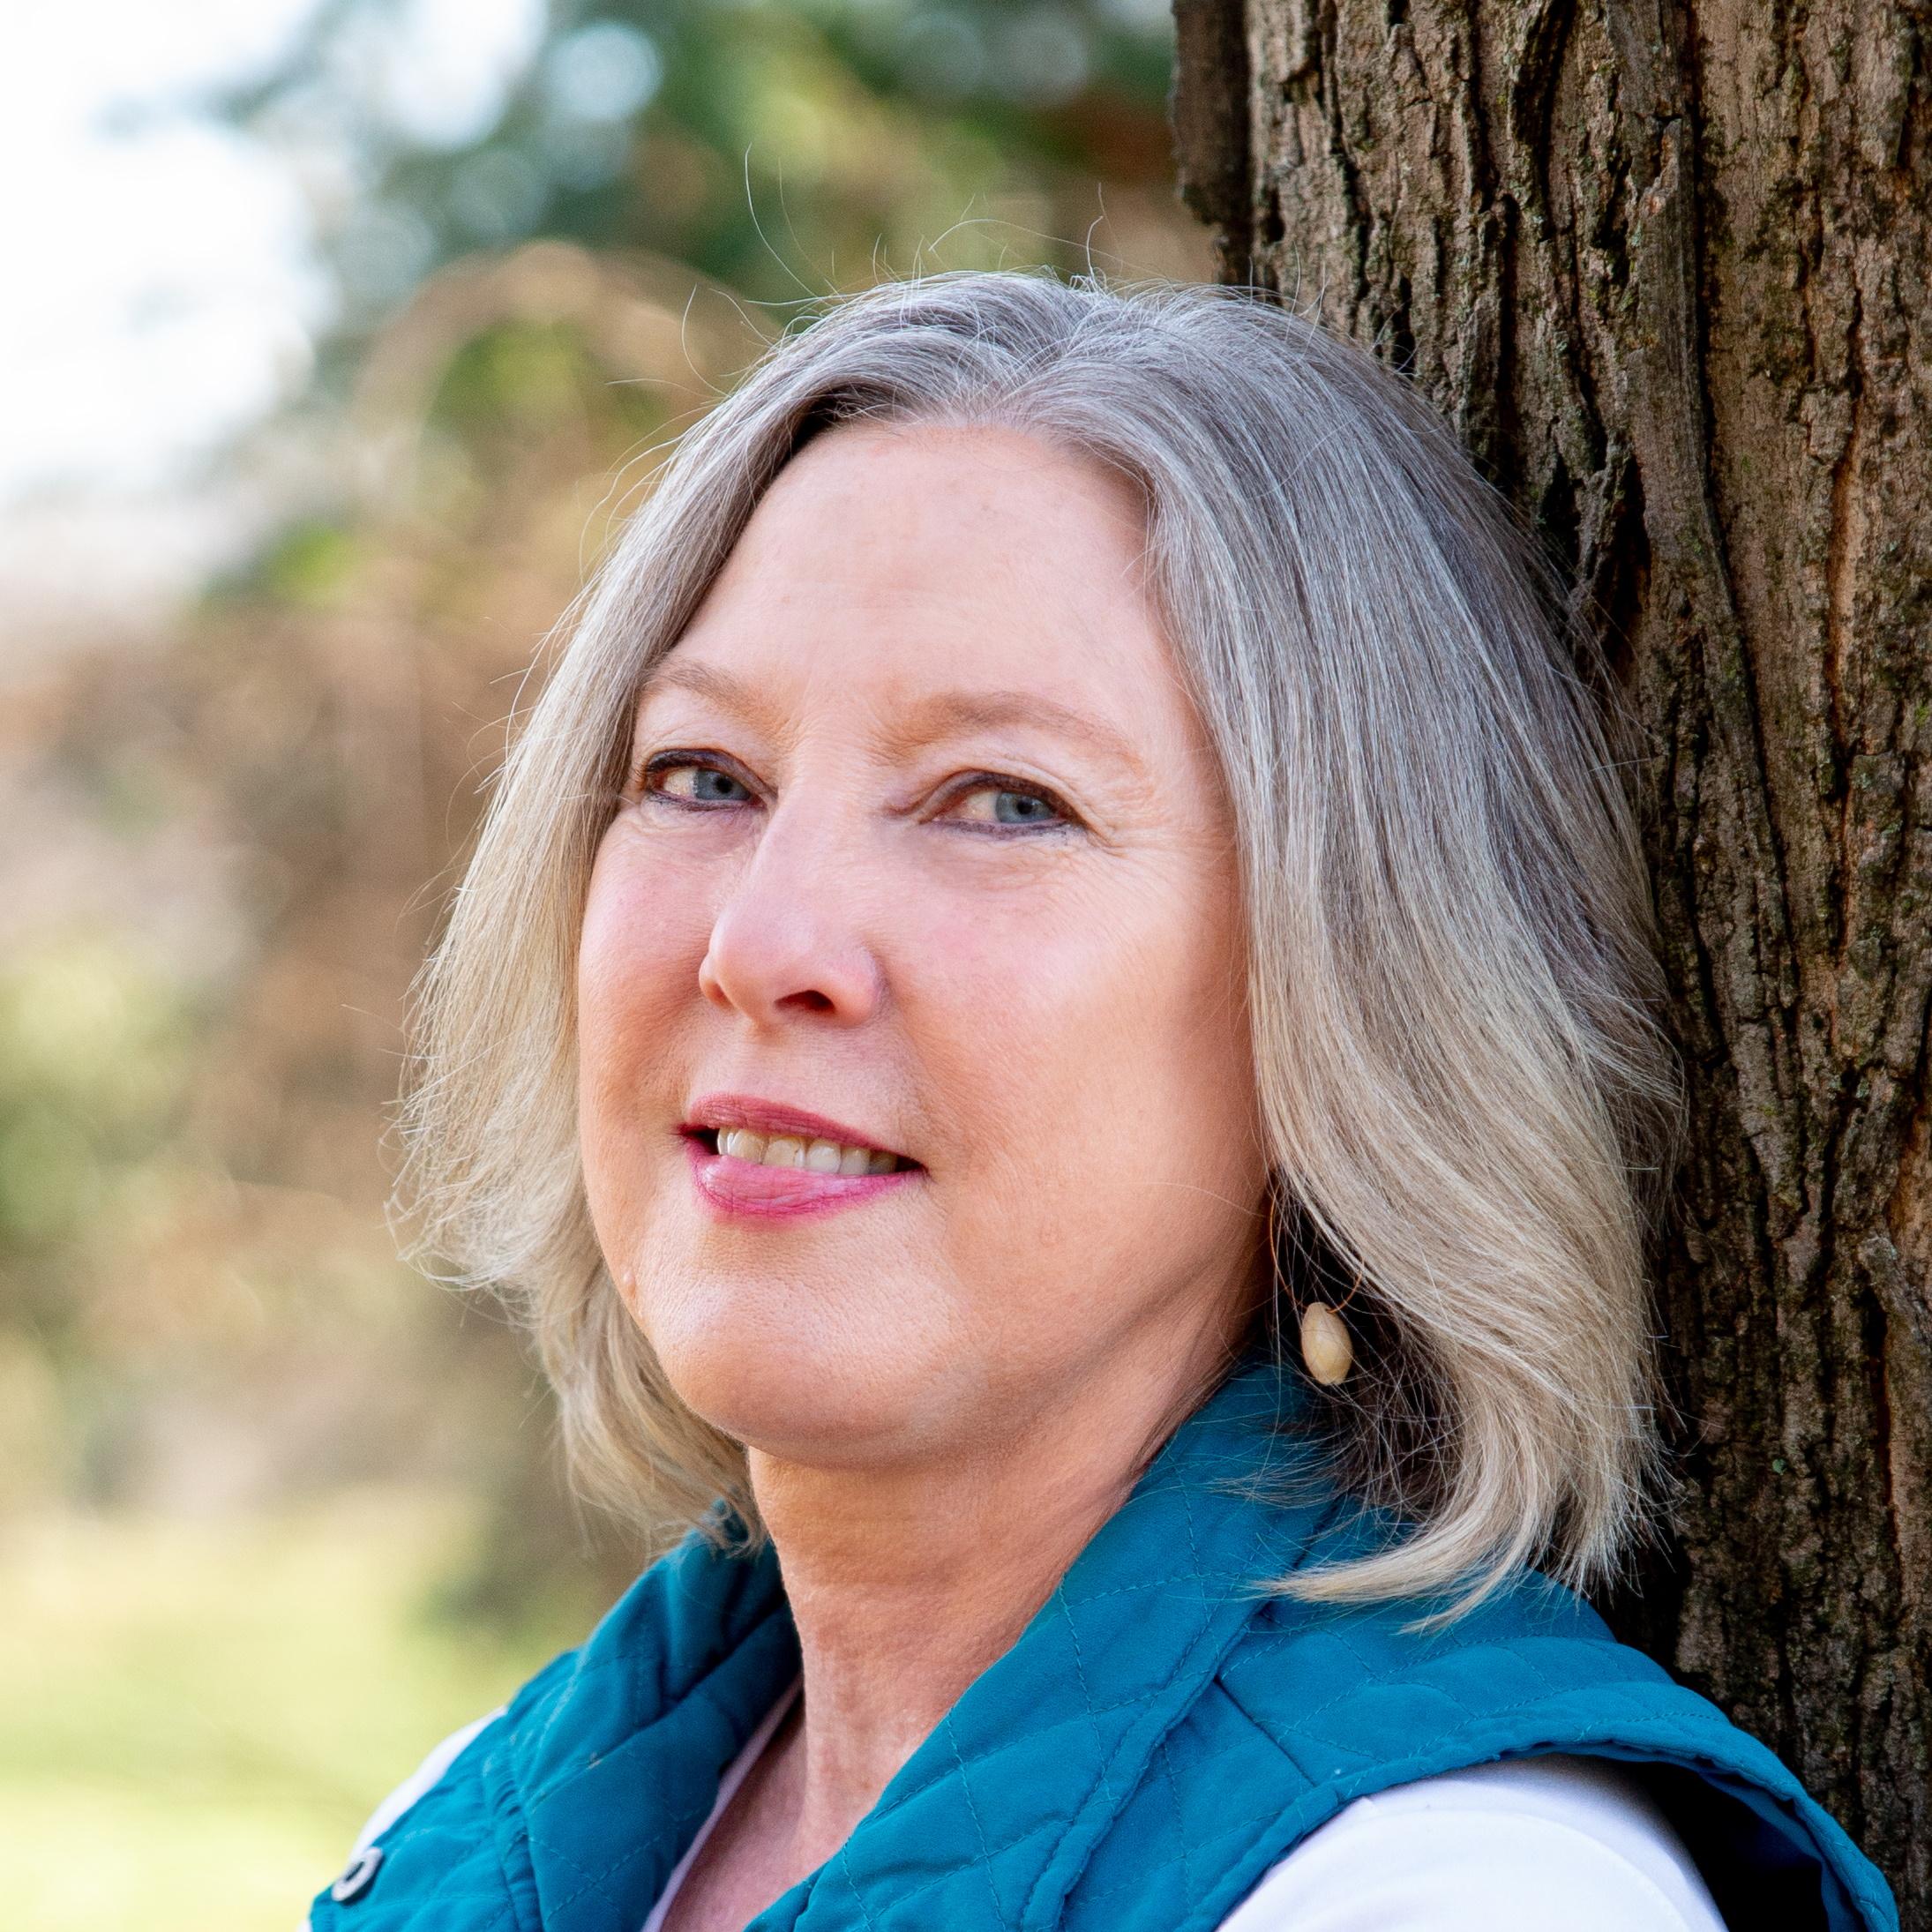 Gwen Newman